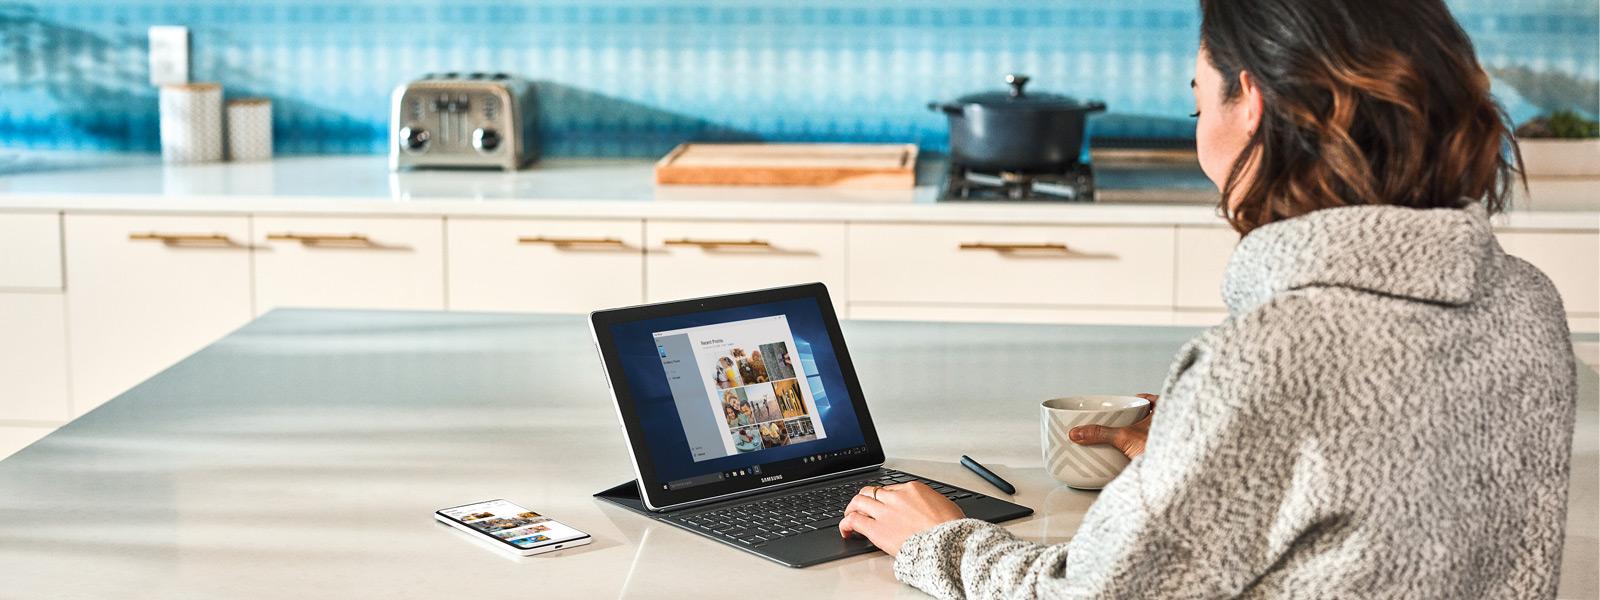 سيدة جالسة على طاولة بمطبخ تستخدم كمبيوتر محمول يعمل بنظام Windows 10 مع هاتفها المحمول